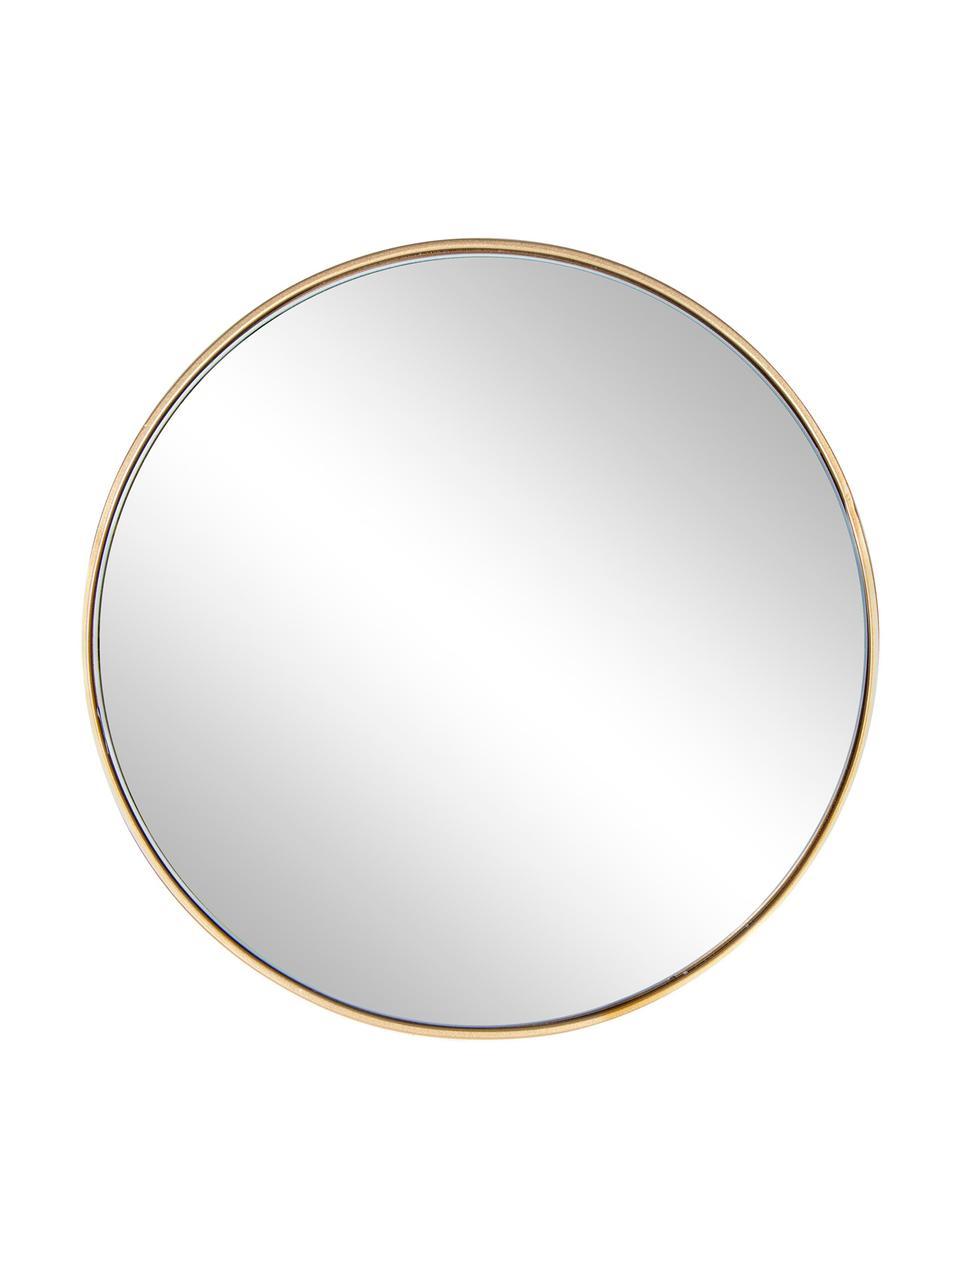 Ronde wandspiegel Nucleos met goudkleurige lijst, Frame: gecoat metaal, Messingkleurig, Ø 40 cm